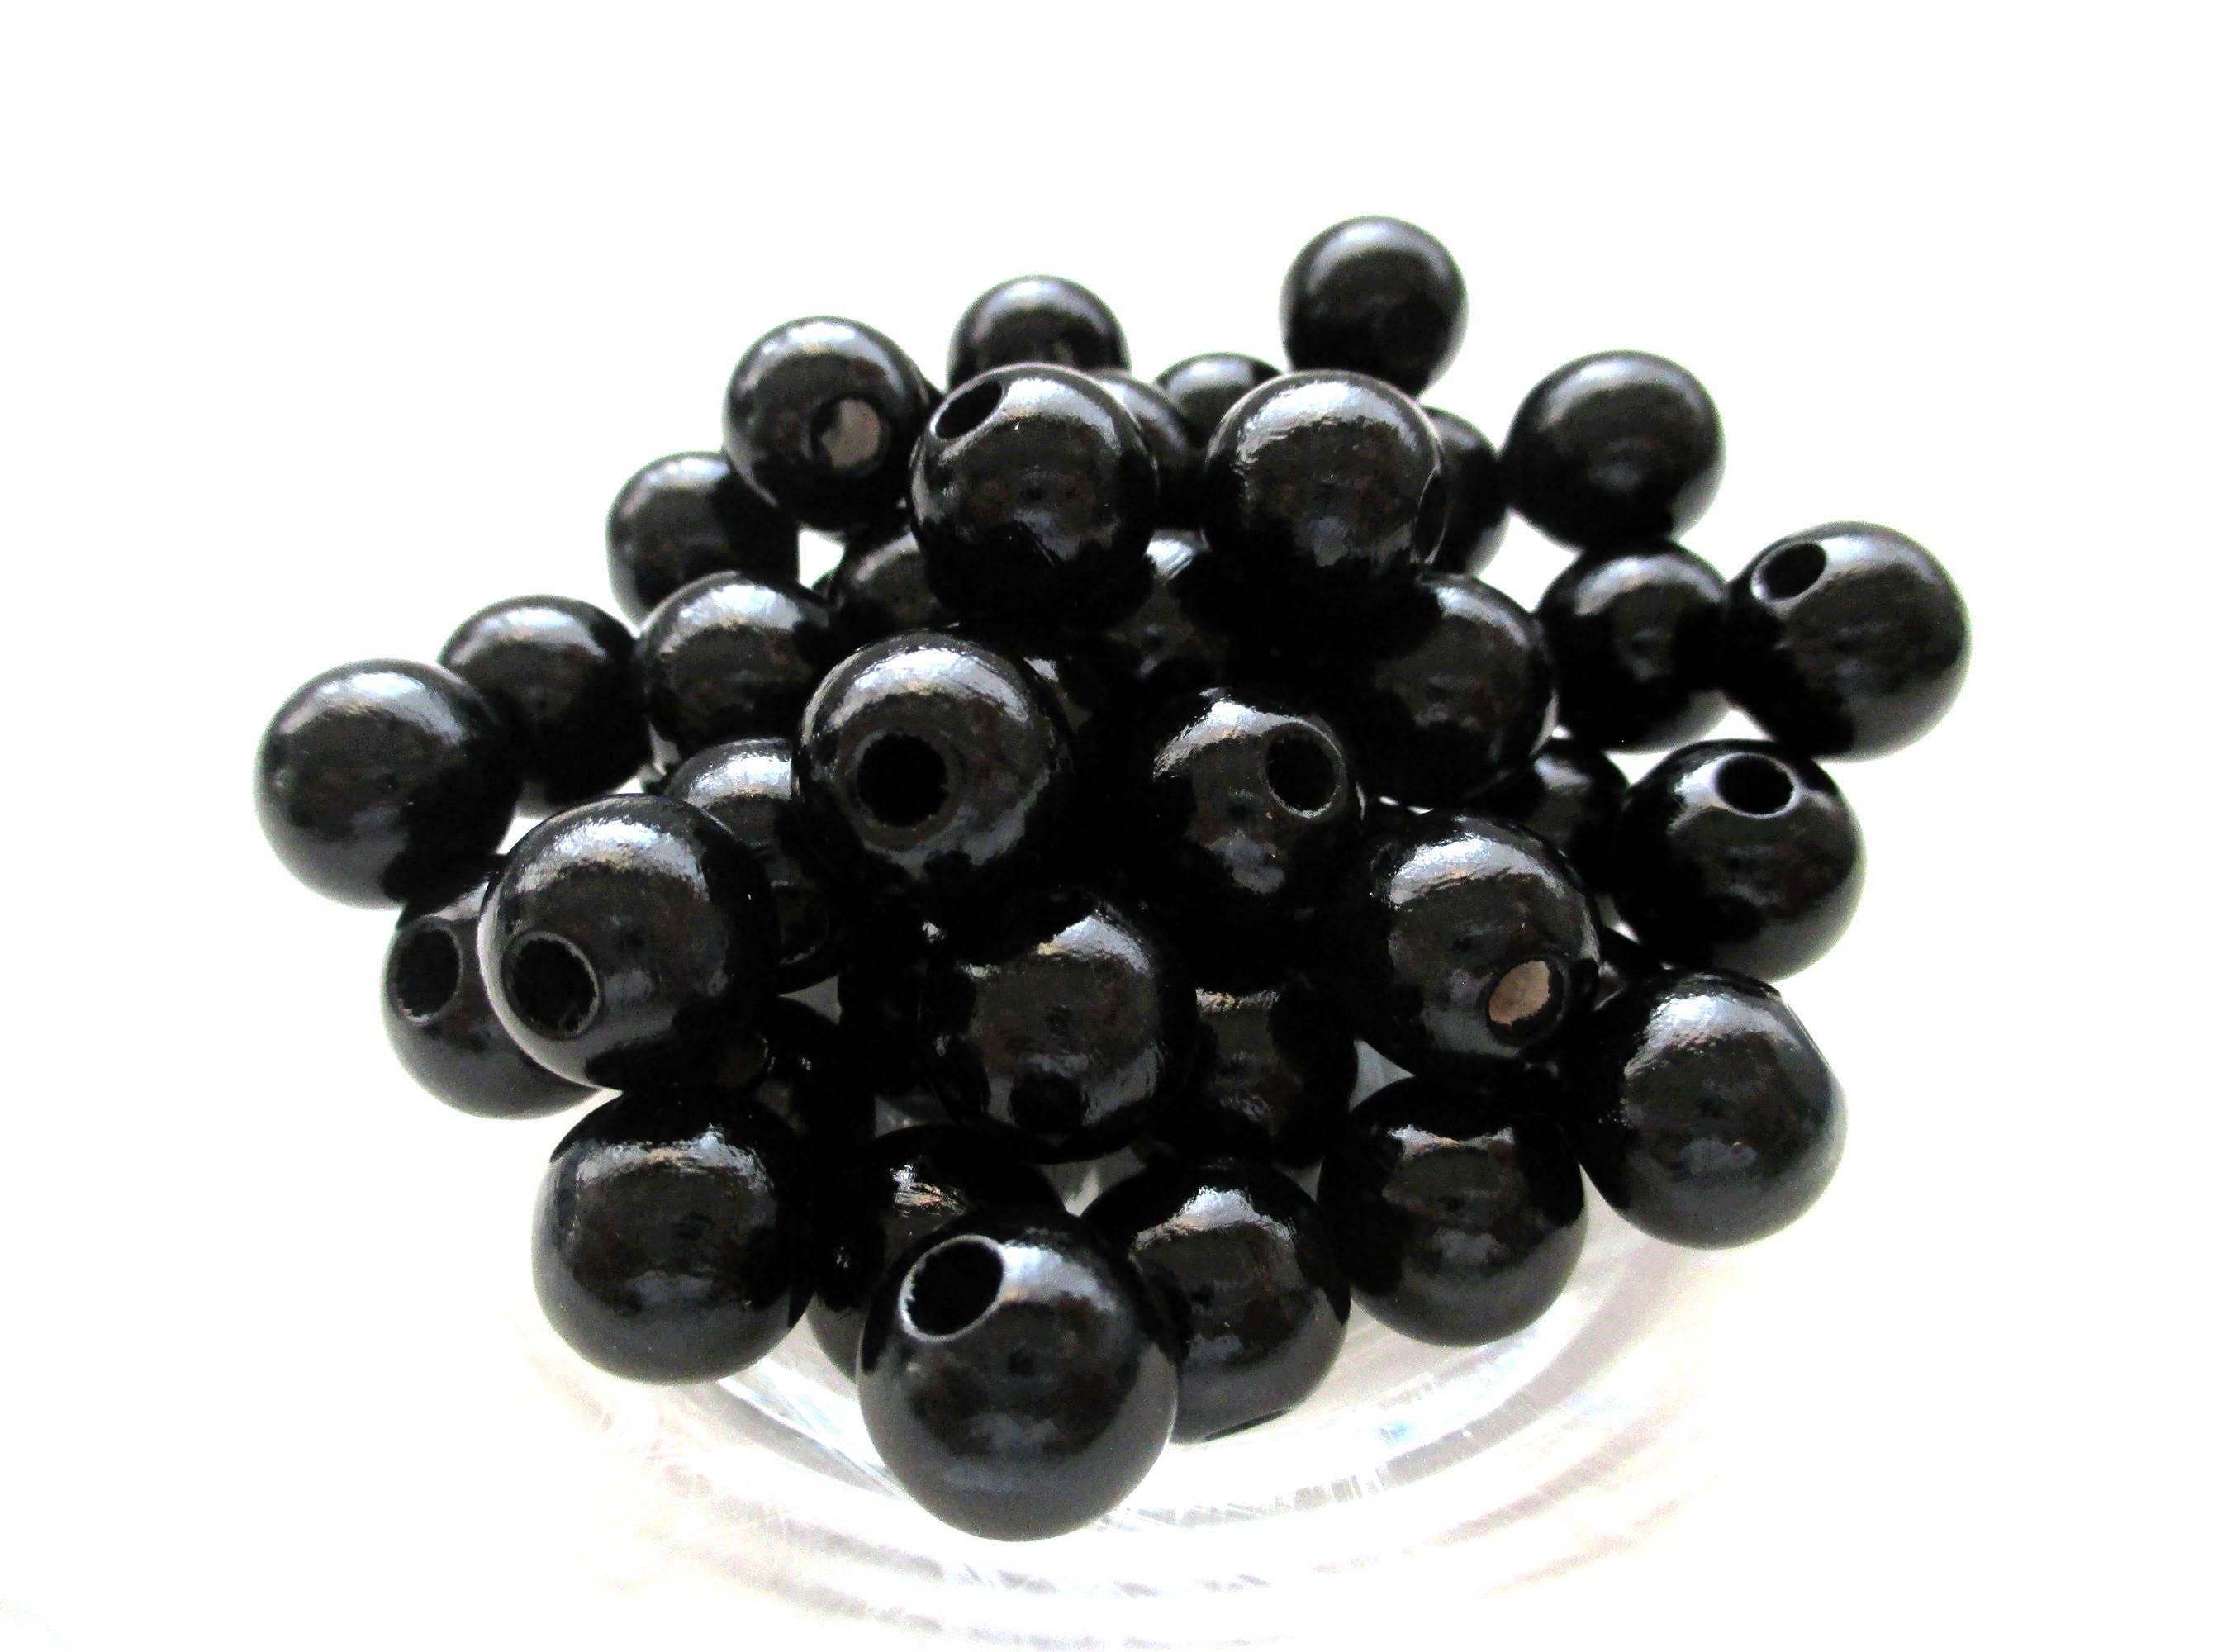 50 perles en bois pour attache t tine 8mm noir - Perle en bois pour attache tetine ...